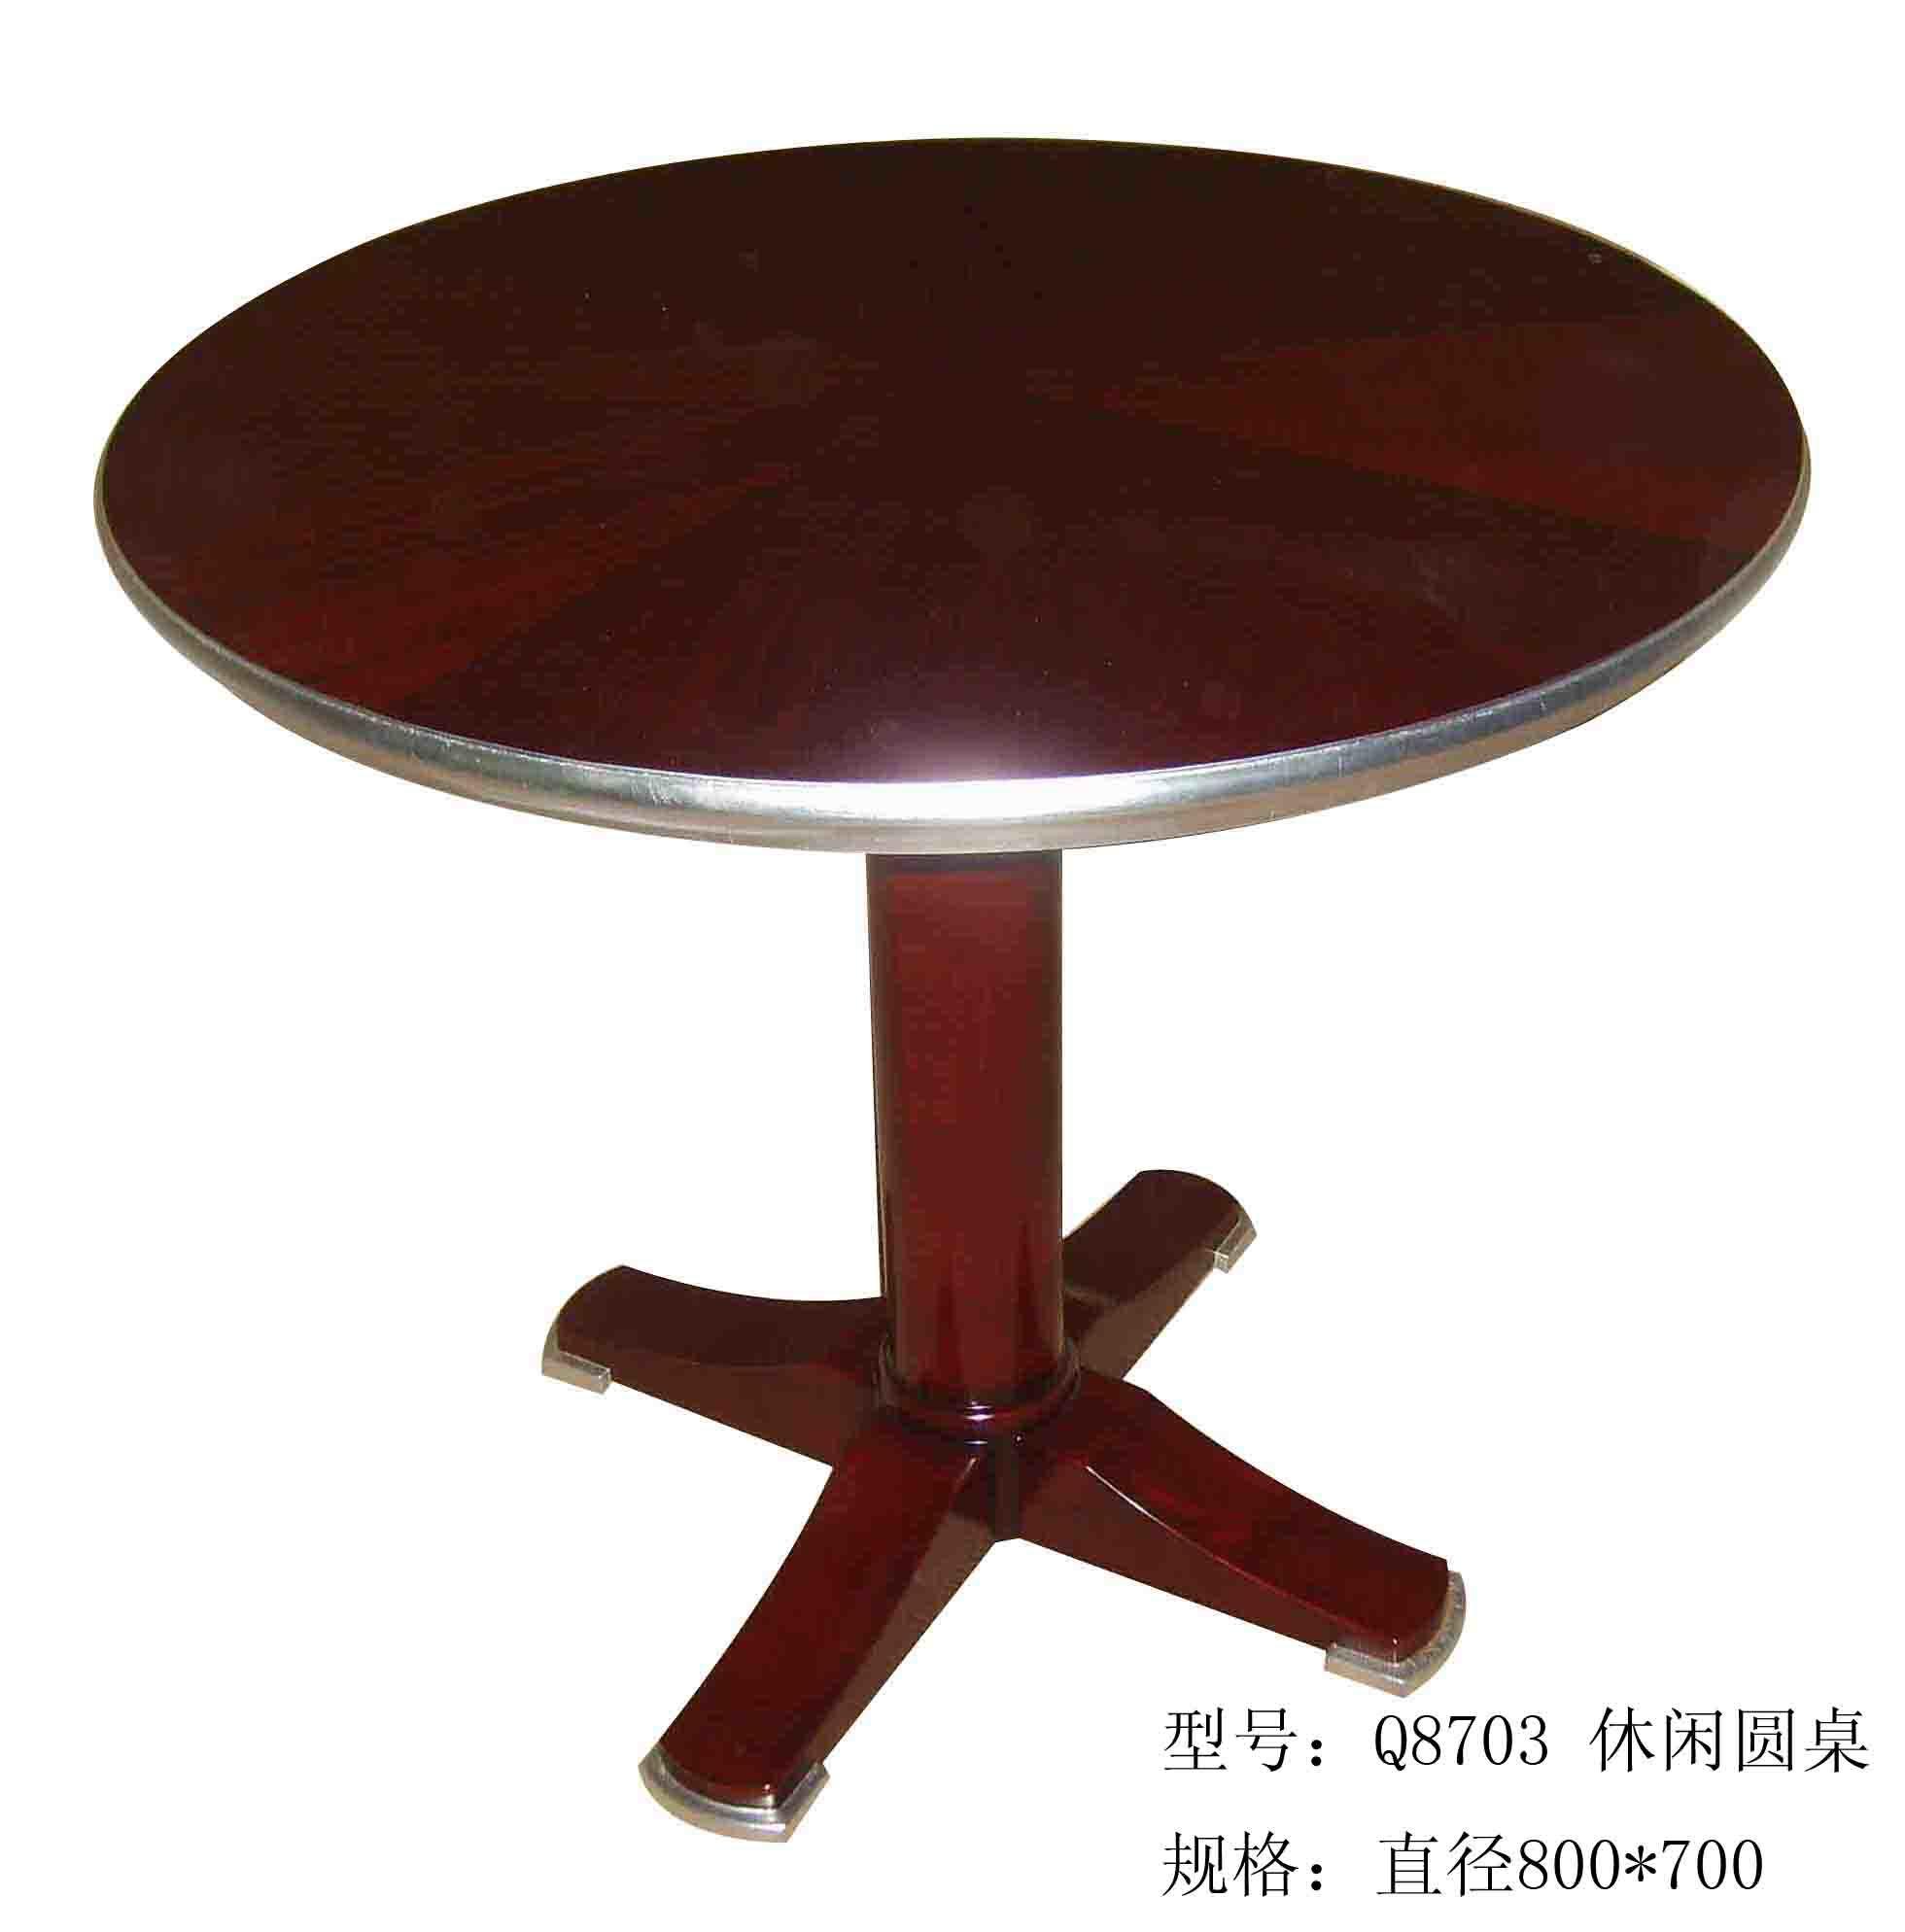 나무로 되는 탁자 (Q8703) – 나무로 되는 탁자 (Q8703)에 의해 제공 ...